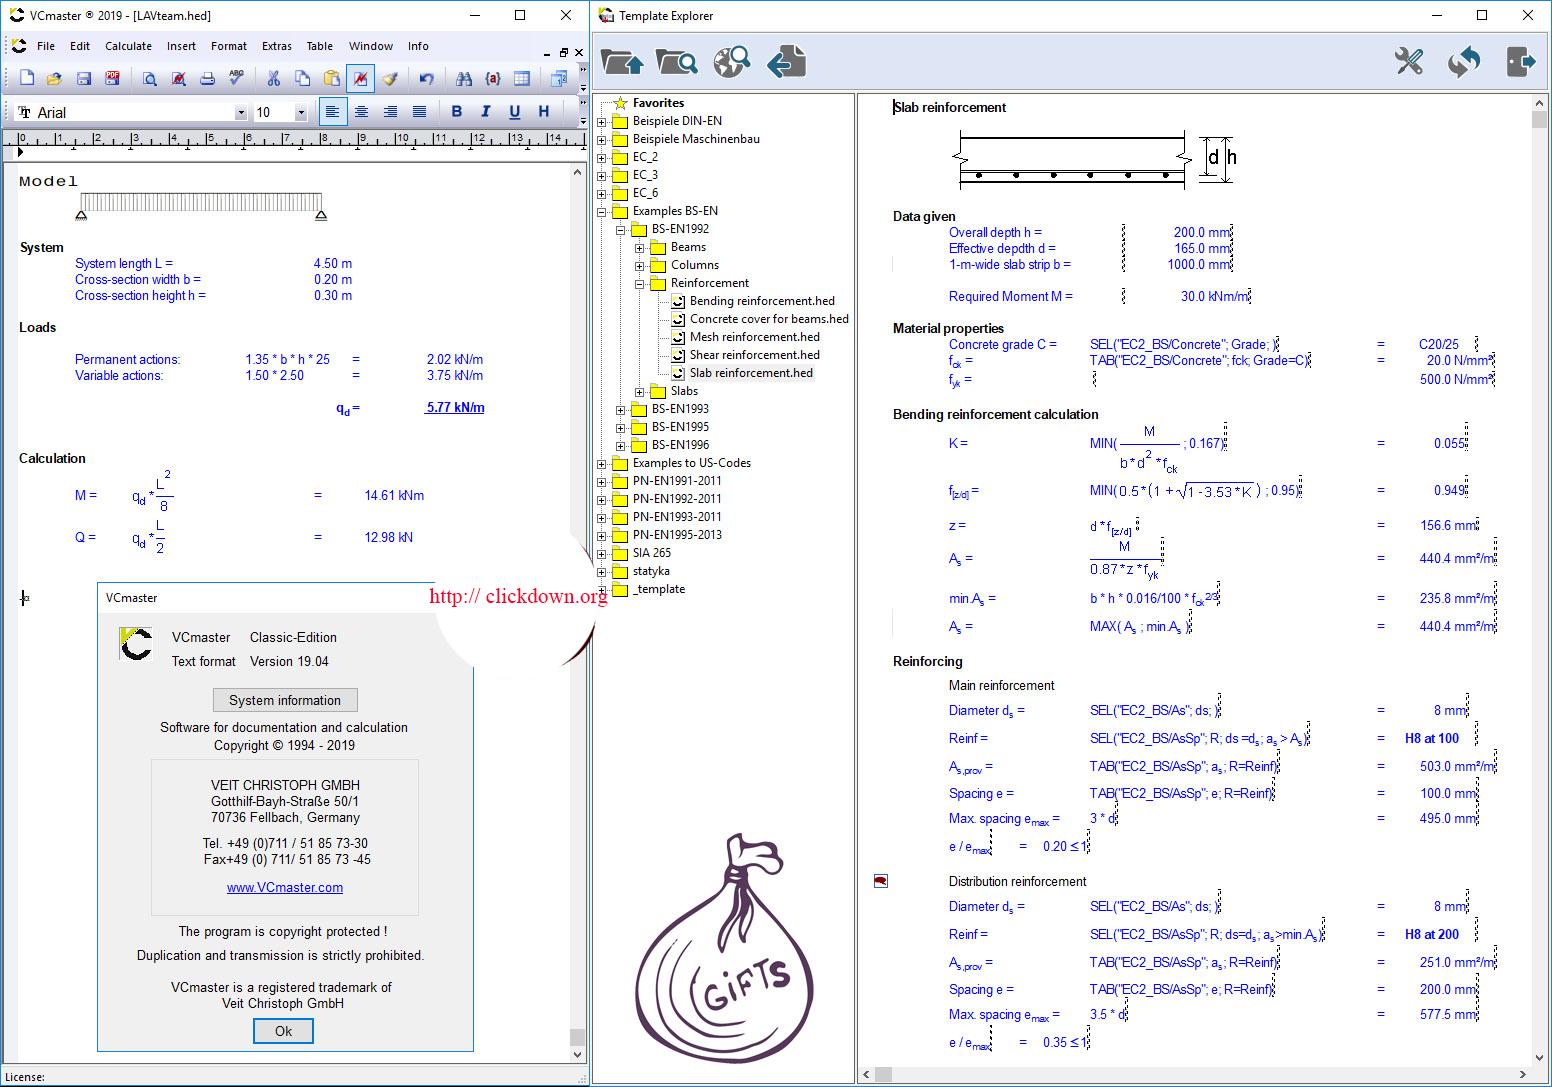 Working with Veit_Christoph_VCmaster_2019_v19.04 full license